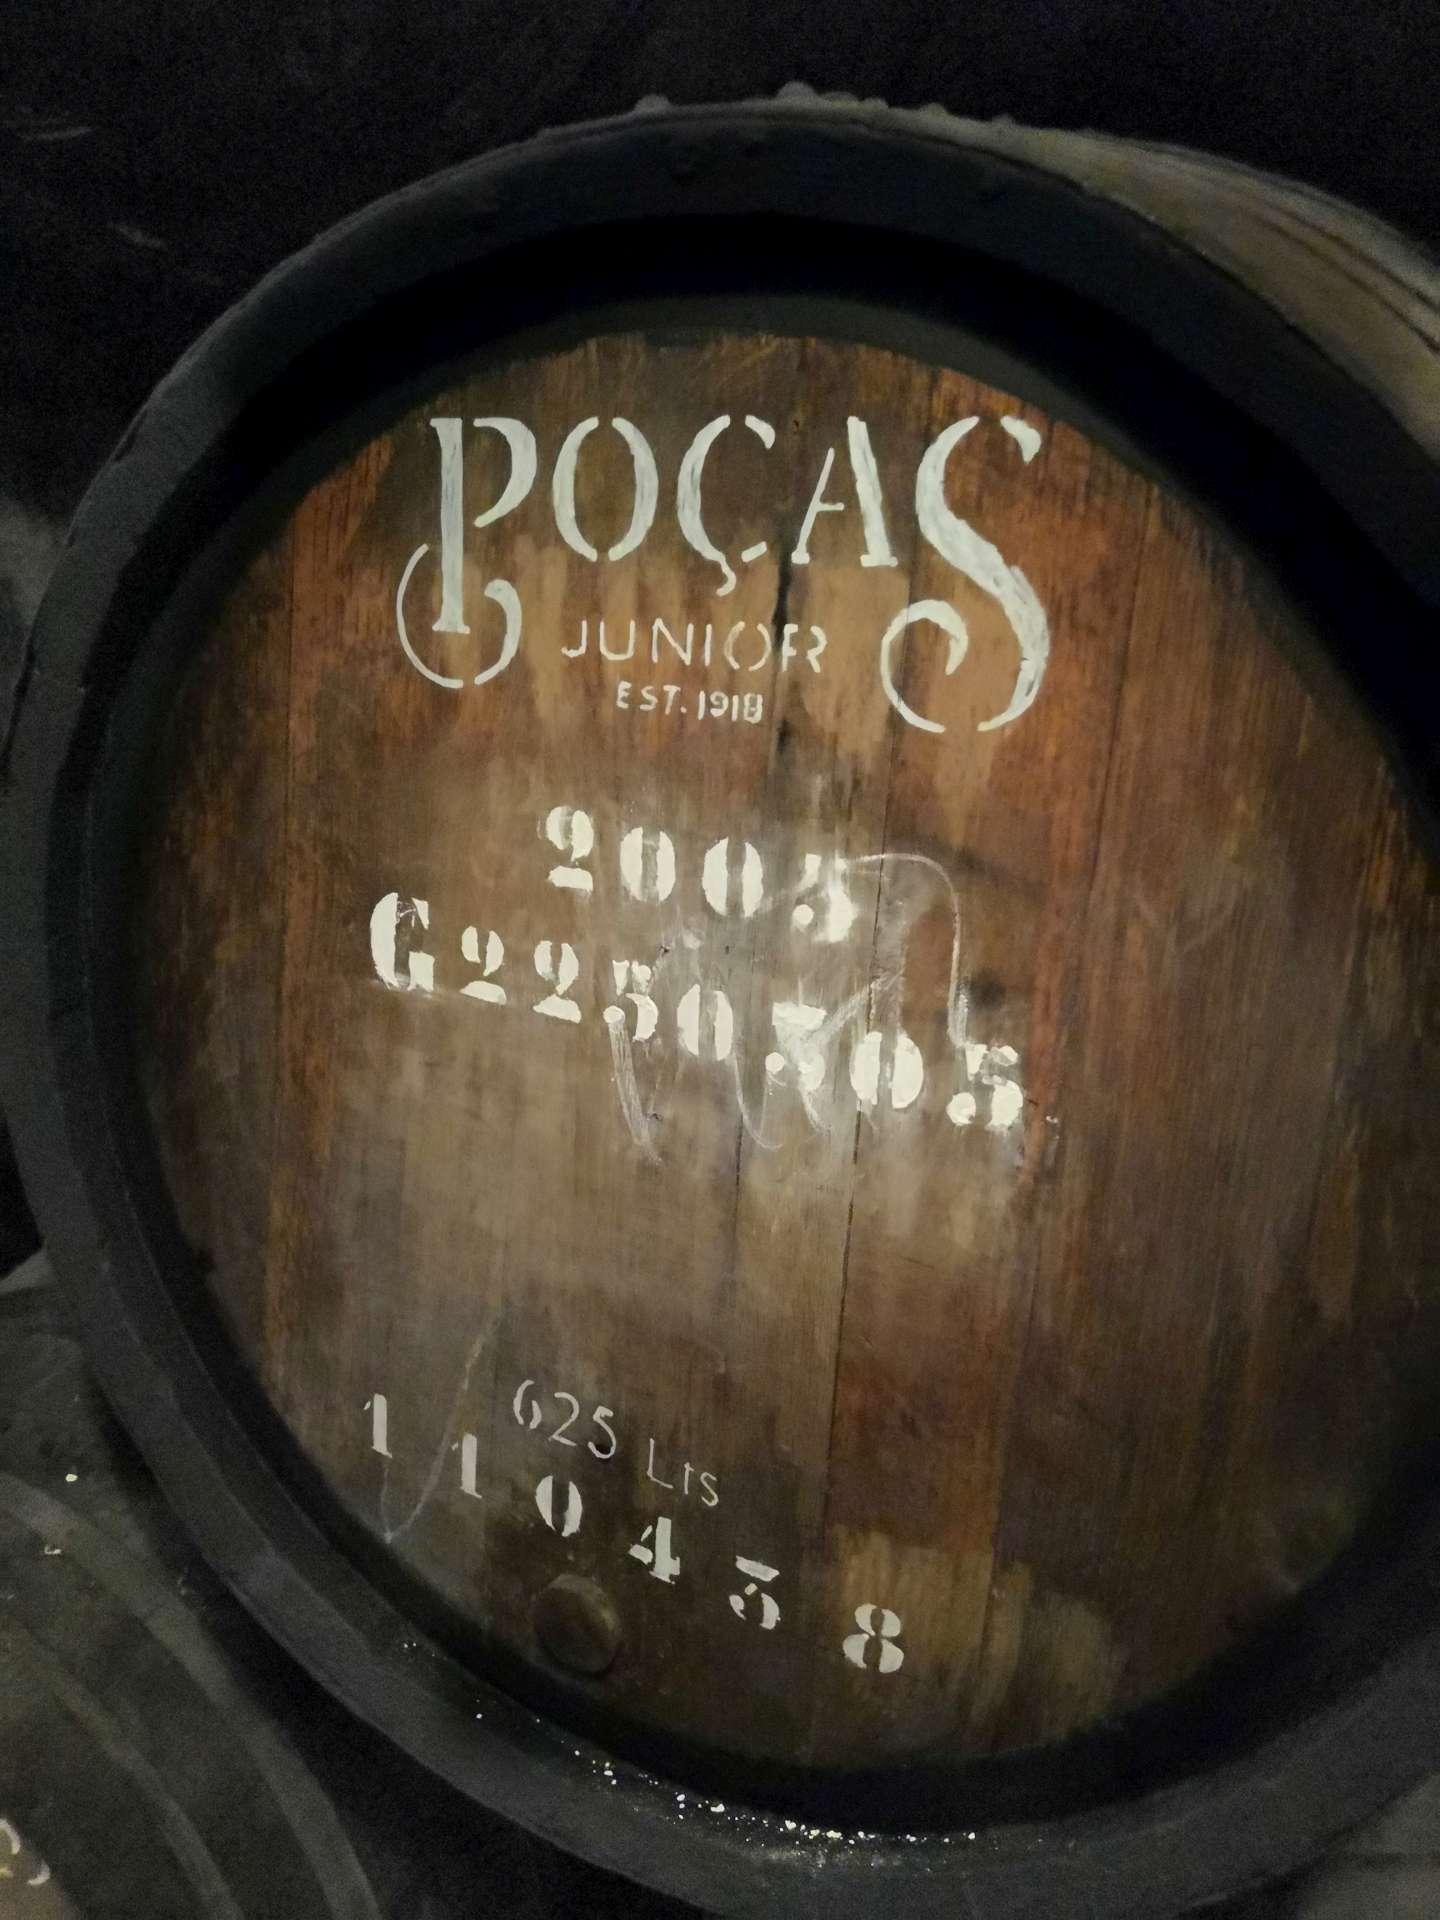 Tady se chystá jistě vynikající Colheita. Jsme ve vinařství Poças Júnior.